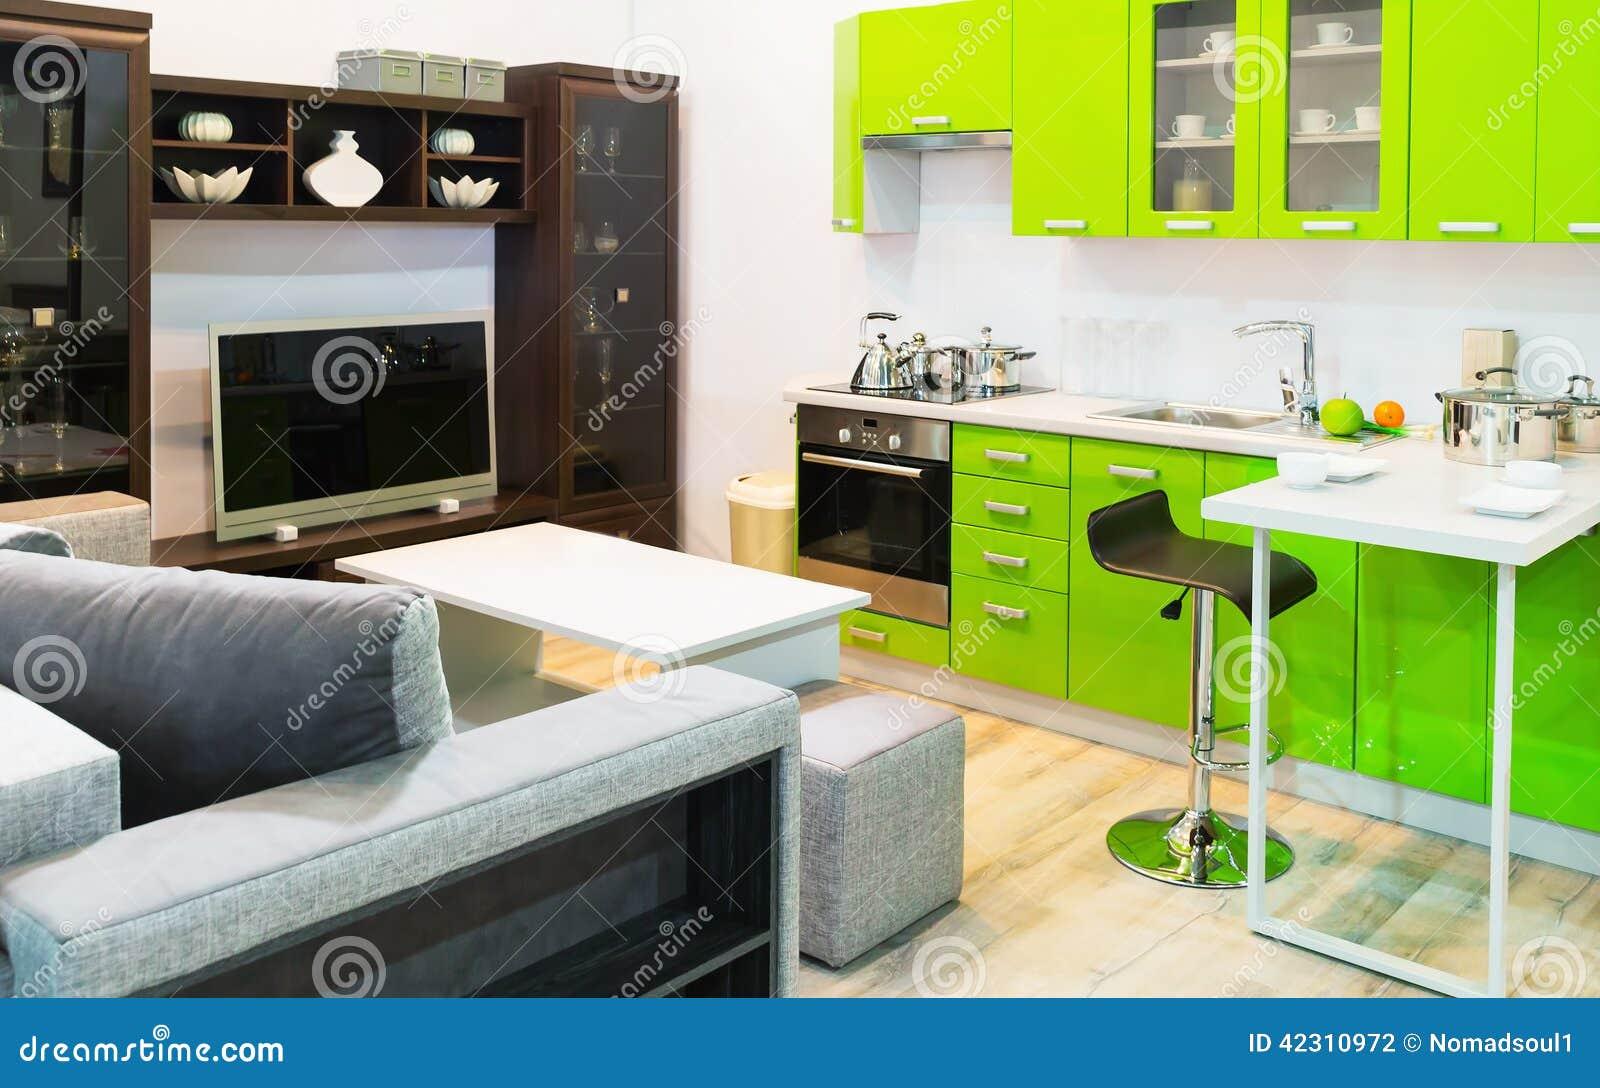 Grüne Saubere Innenarchitektur Der Küche Und Des Raumes Stockfoto ...